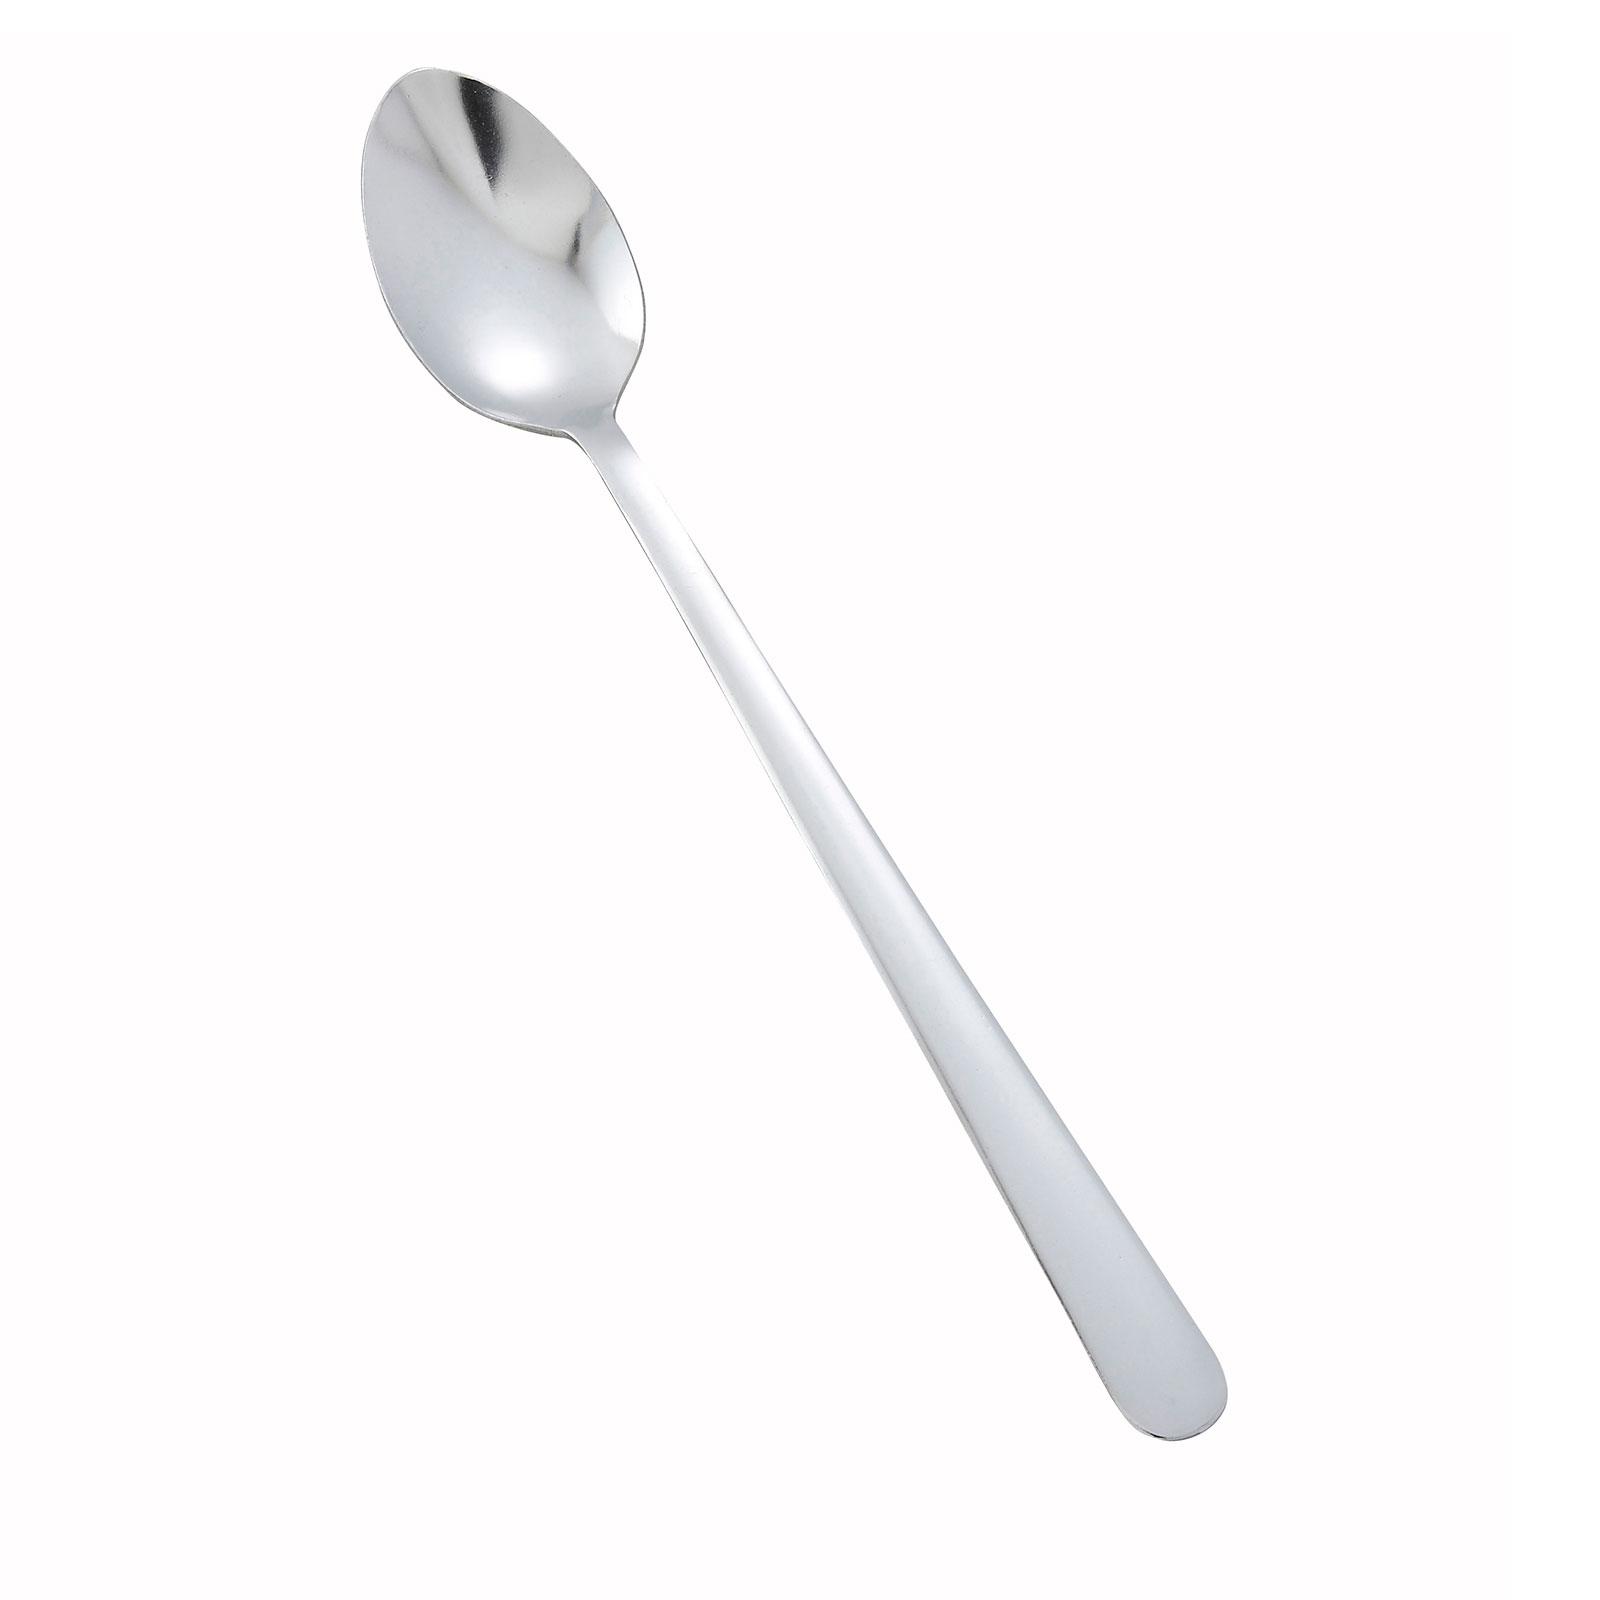 Winco 0002-02 spoon, iced tea